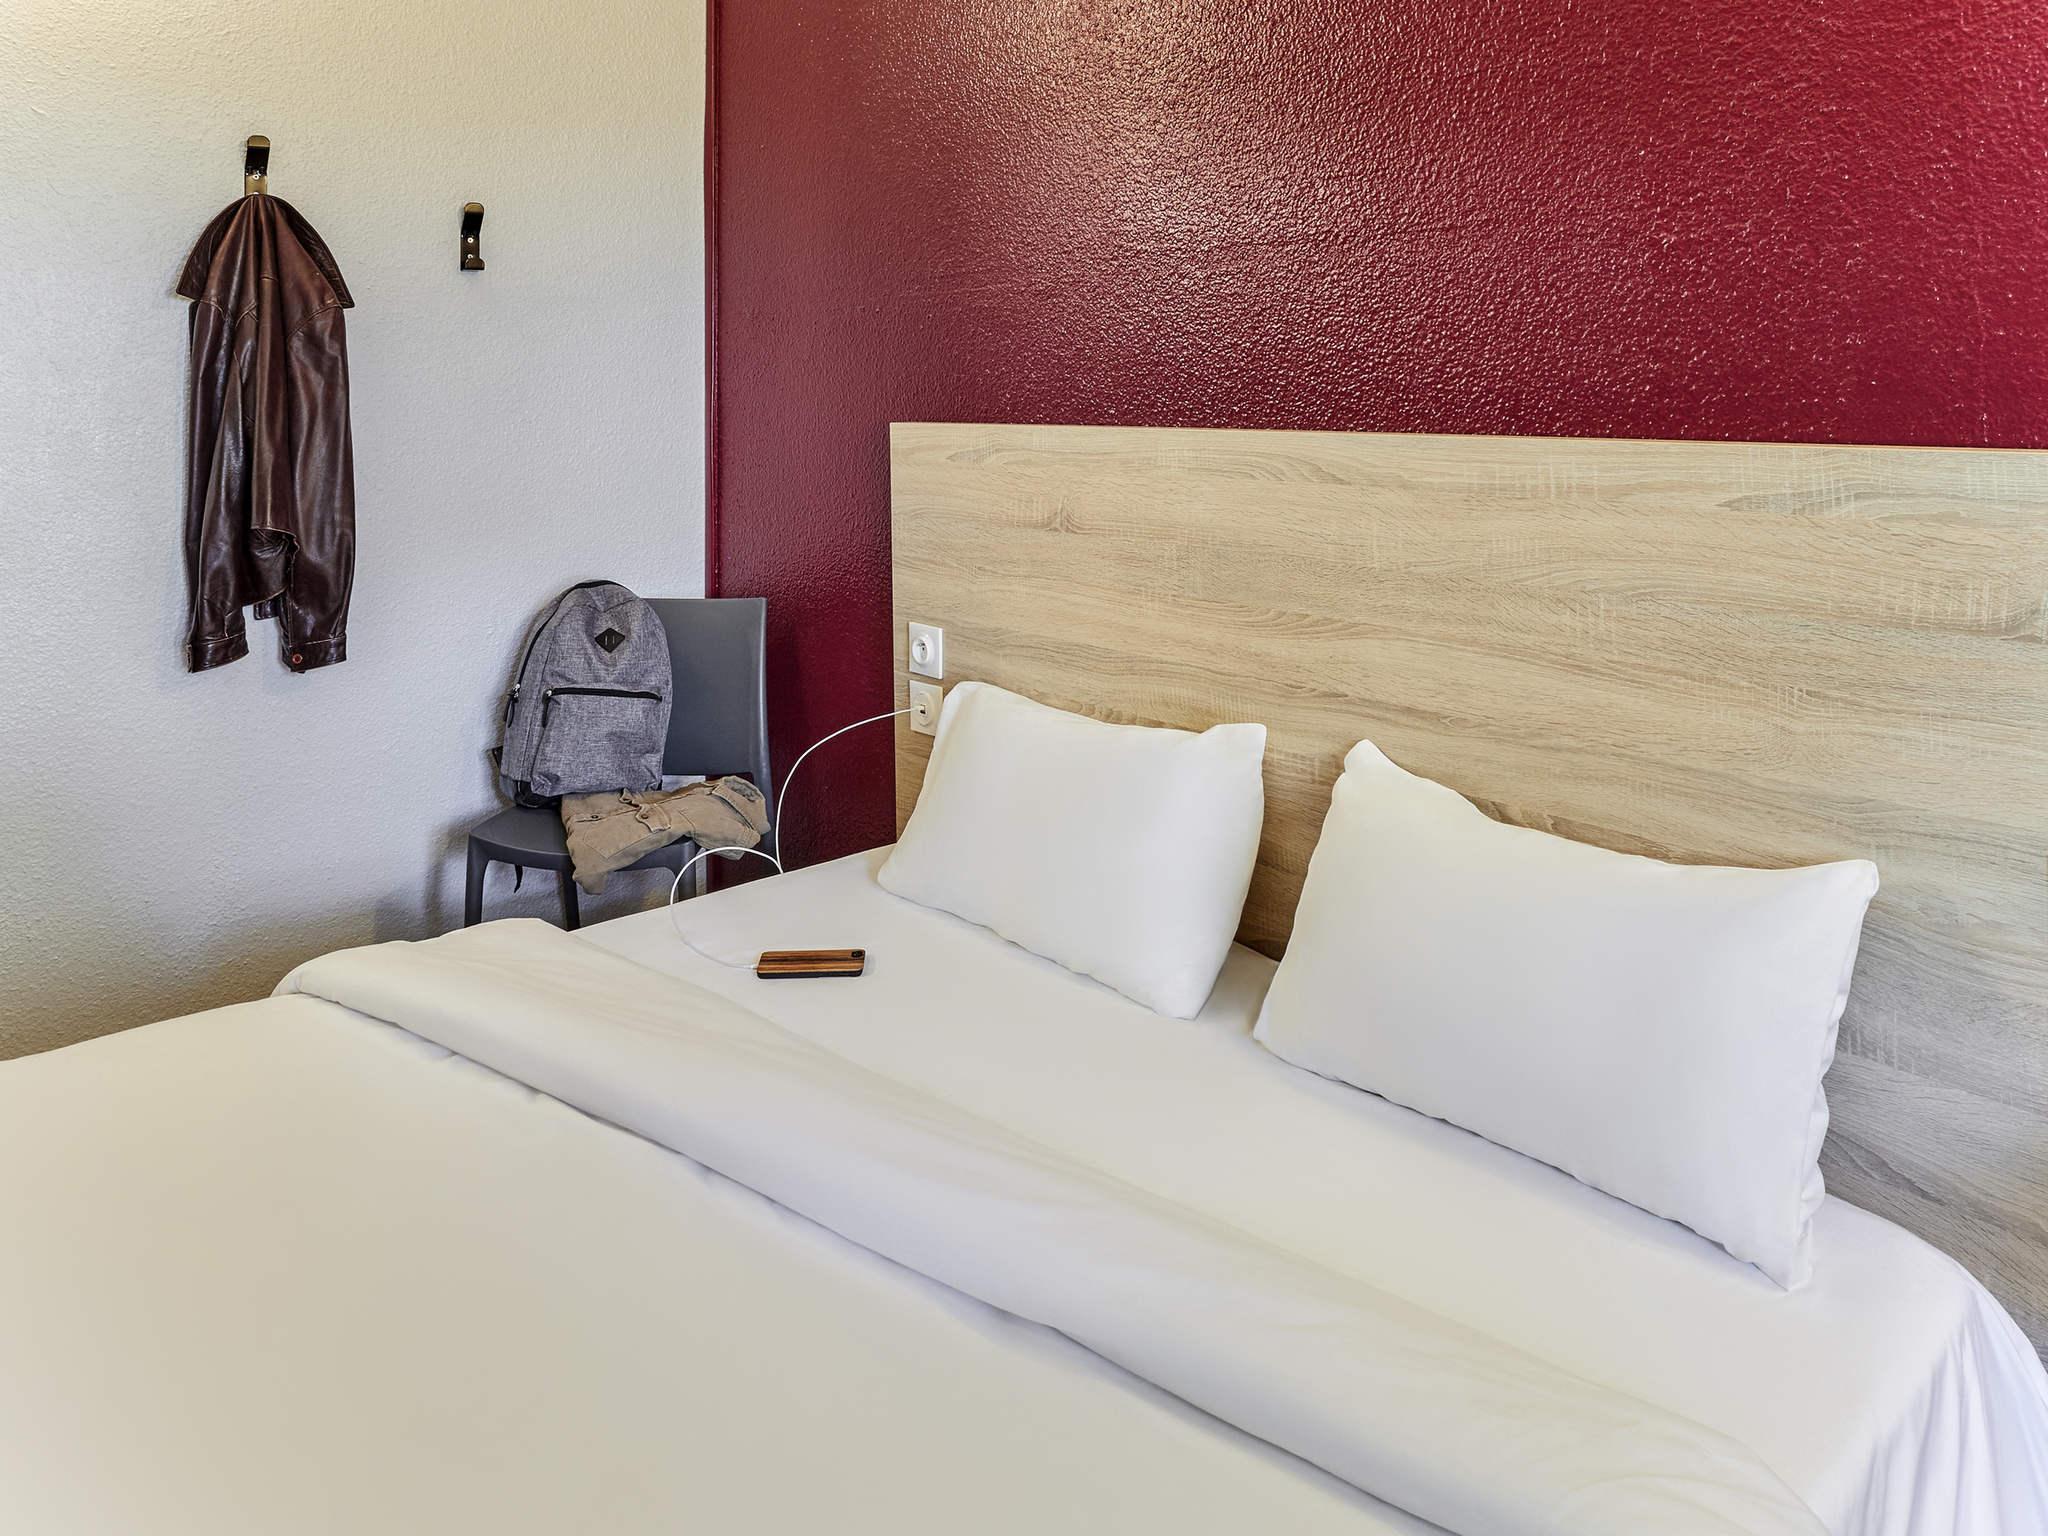 Otel – hotelF1 Marseille Plan de Campagne N°2